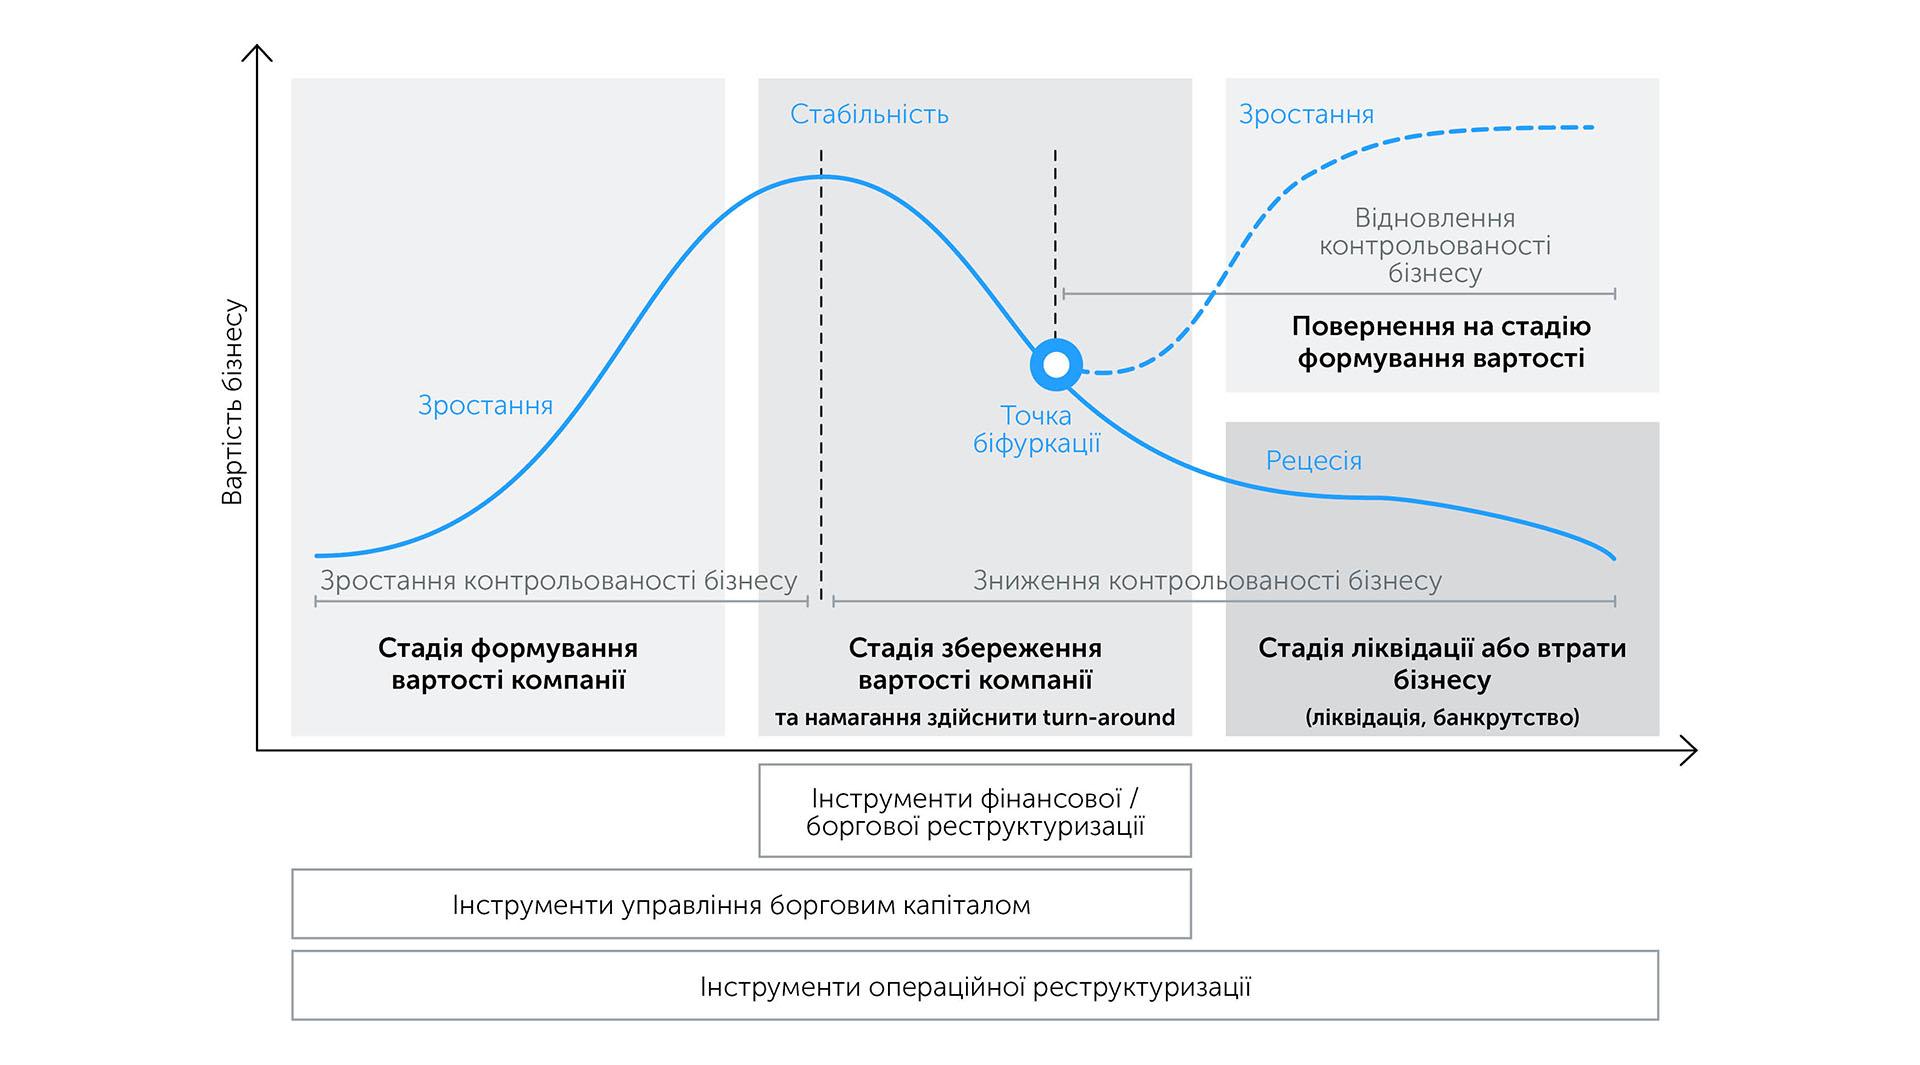 Бізнес: підготовка до зростання | Kyivstar Business Hub зображення №30